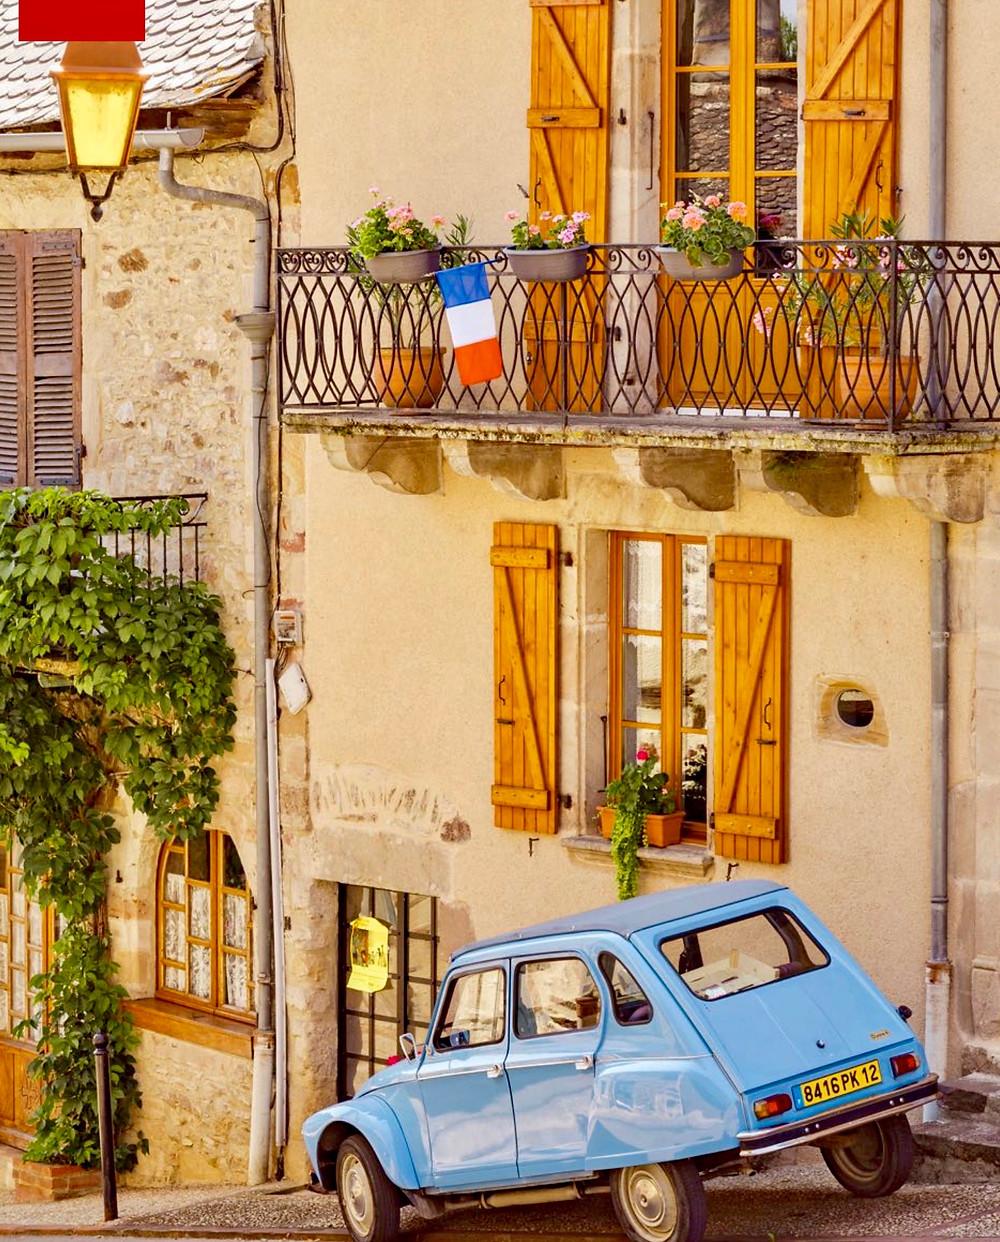 street in Najac France